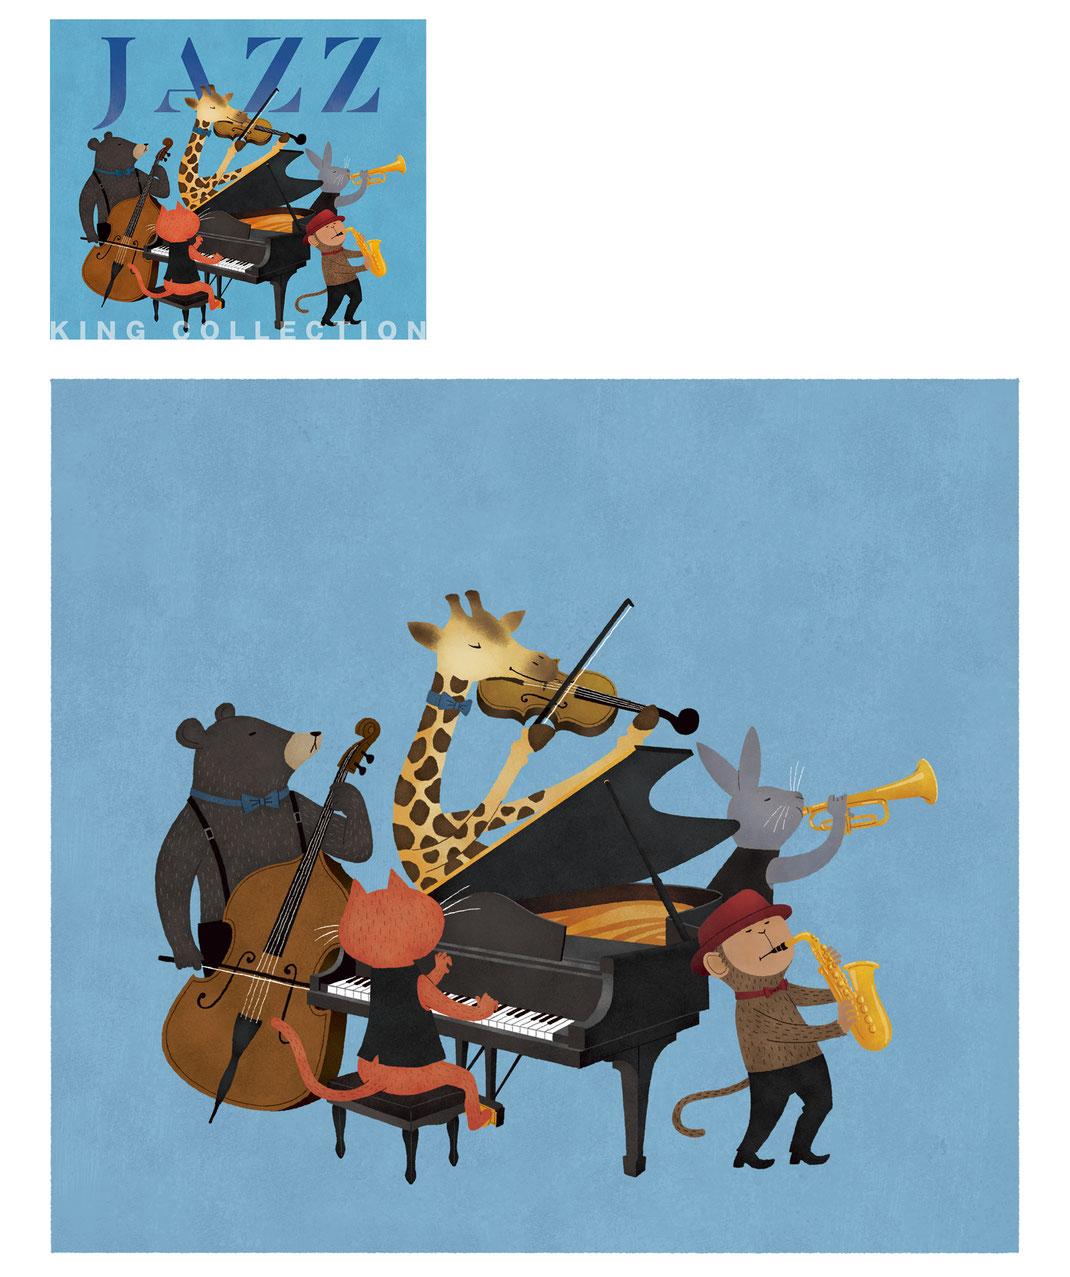 ジャズ 動物 演奏 CDジャケット